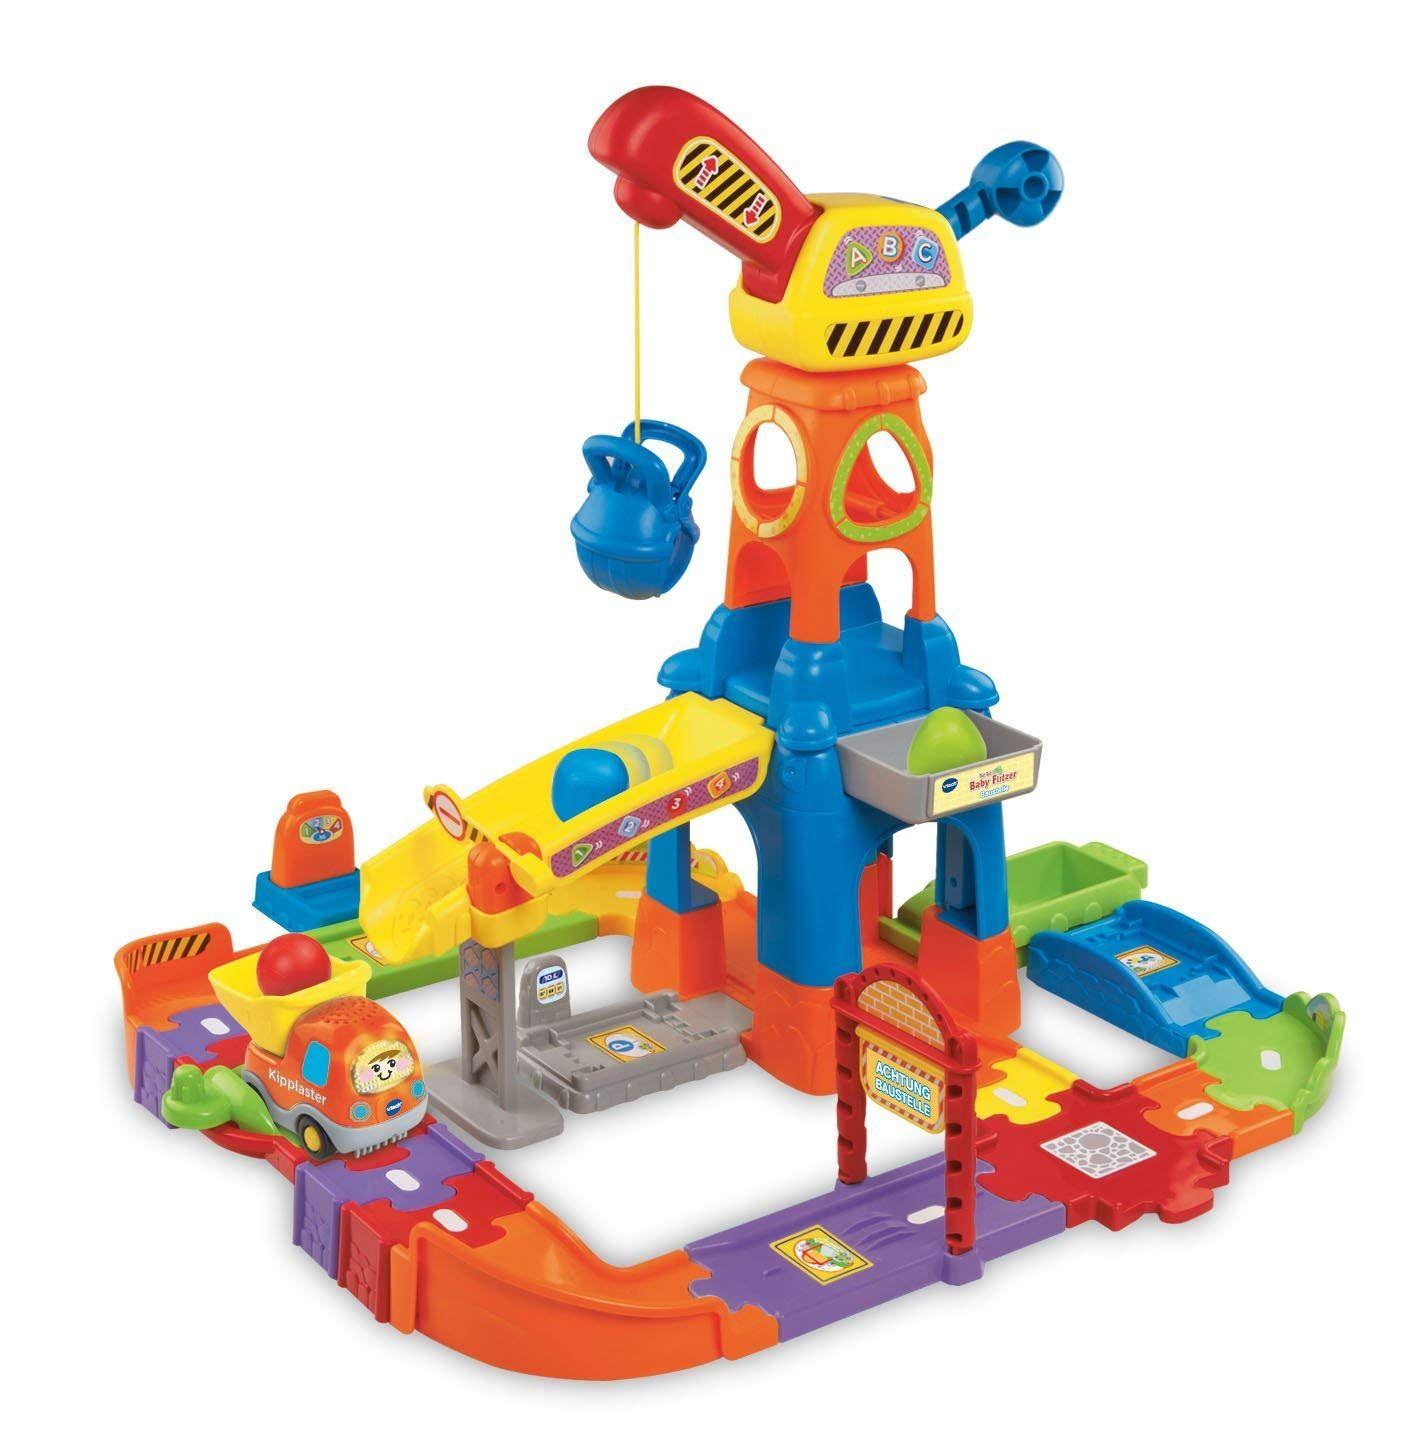 Vtech Tut Tut Baby Flitzer Baustelle Die Strassenteile Konnen Unterschiedlich Zusammengesteckt Spielzeug Parkhaus Spielzeug Fur Baby